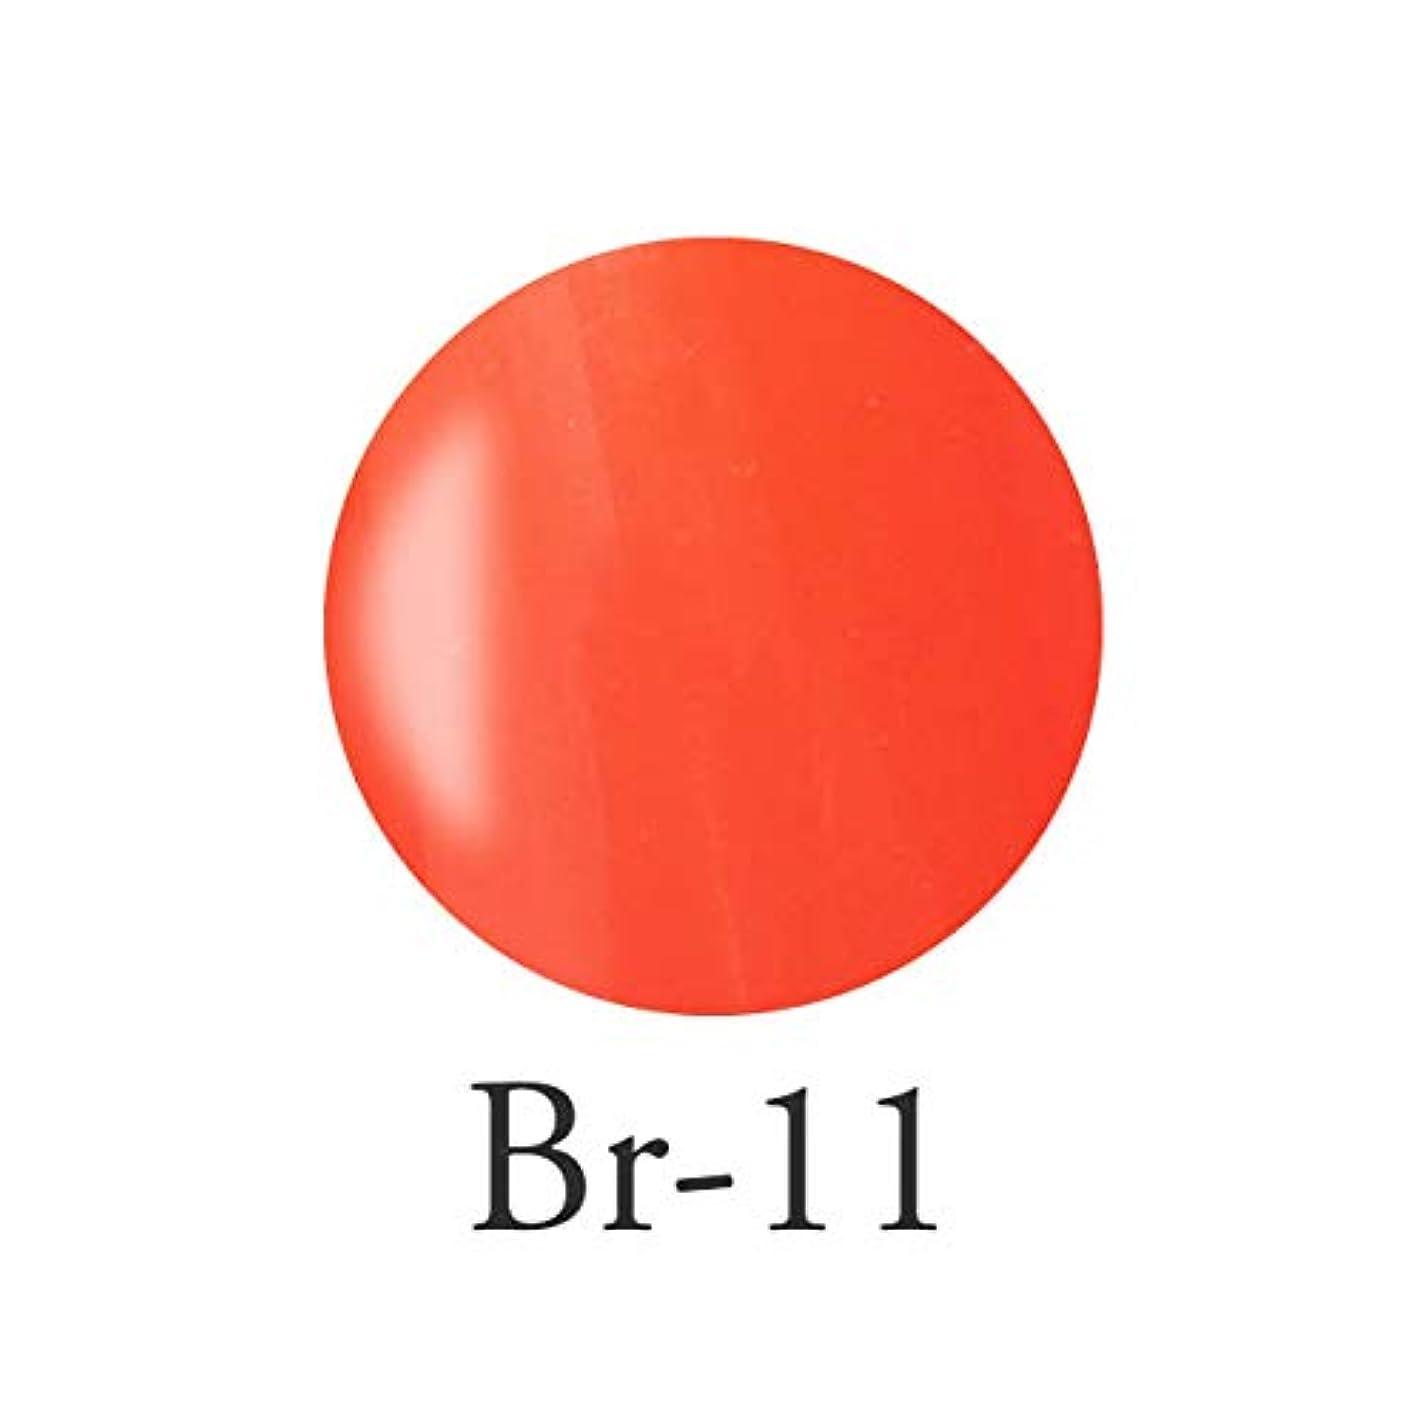 フォロープーノのスコアエンジェル クィーンカラージェル コロンブオレンジ Br-11 3g